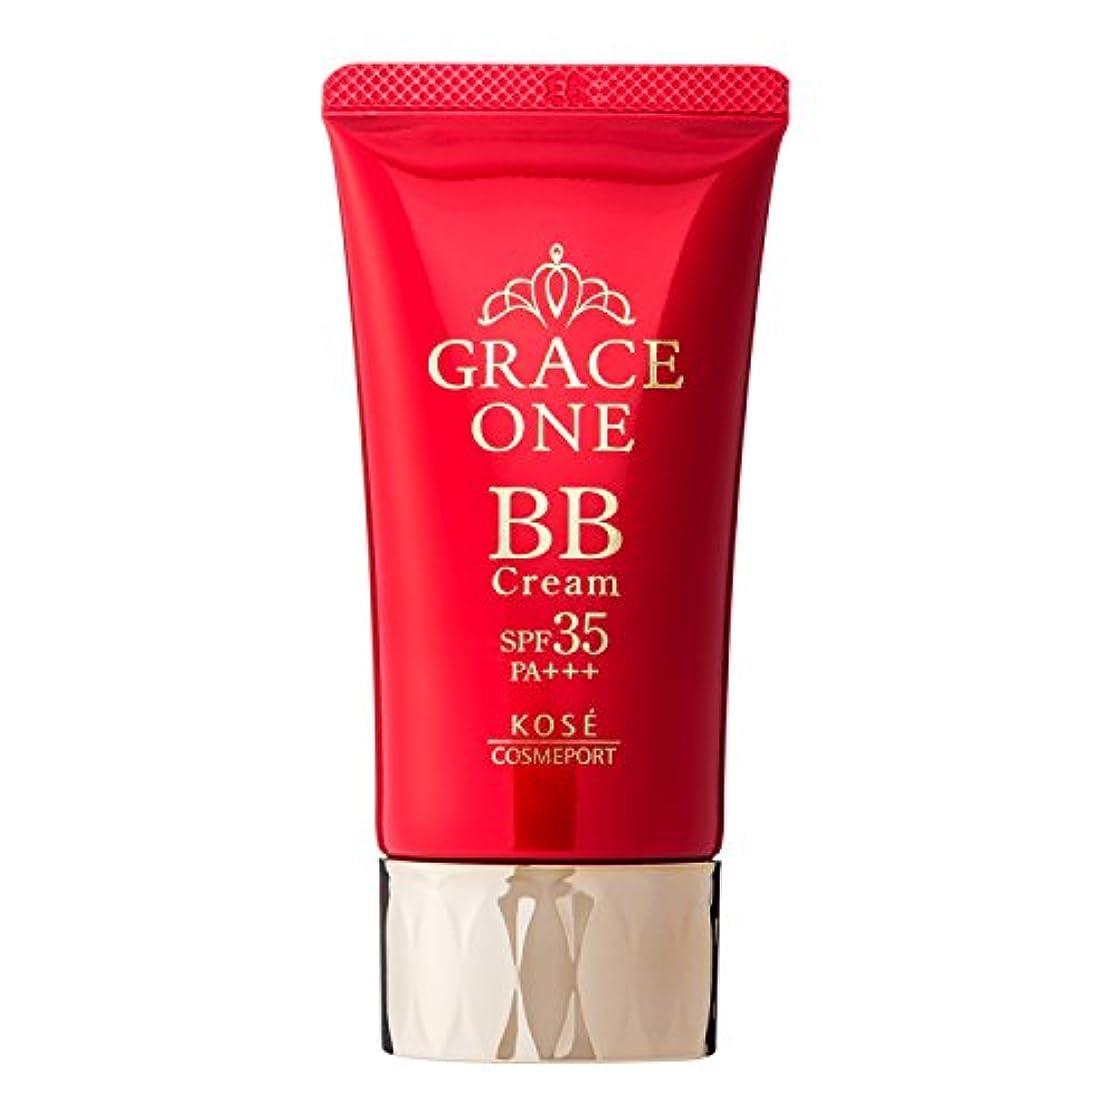 吸い込む風味ラウンジKOSE グレイス ワン BBクリーム 02 (自然~健康的な肌色)